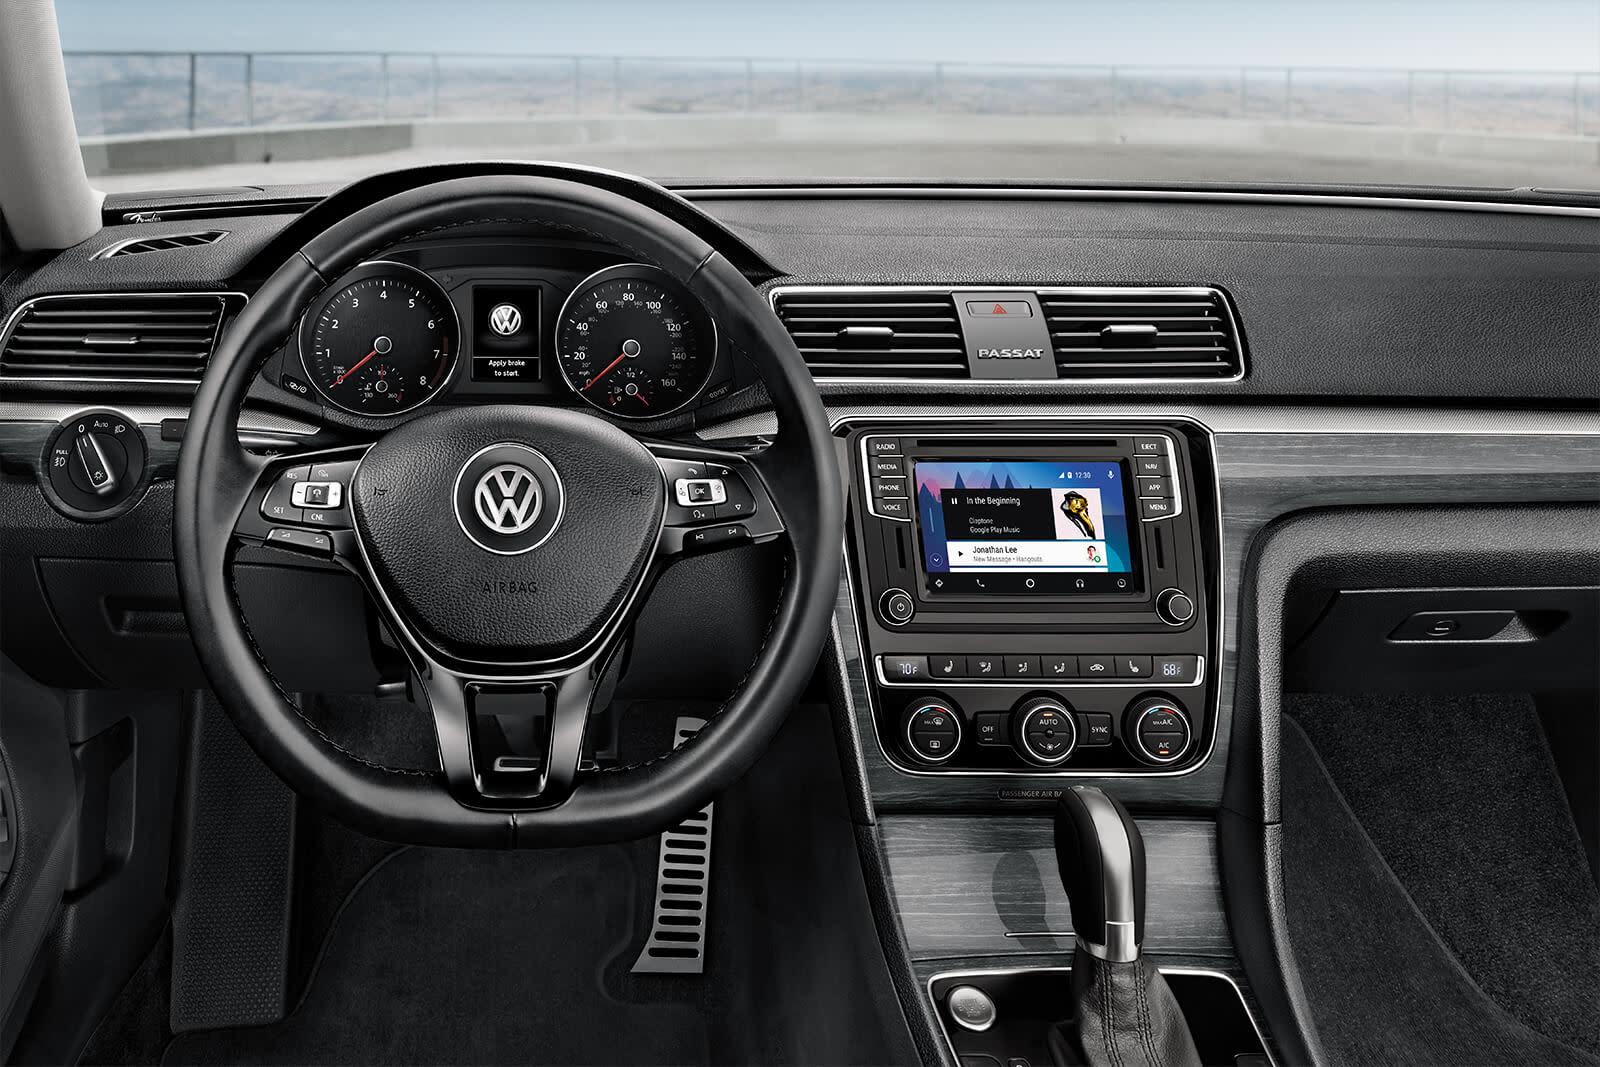 Interior of the 2019 Volkswagen Passat